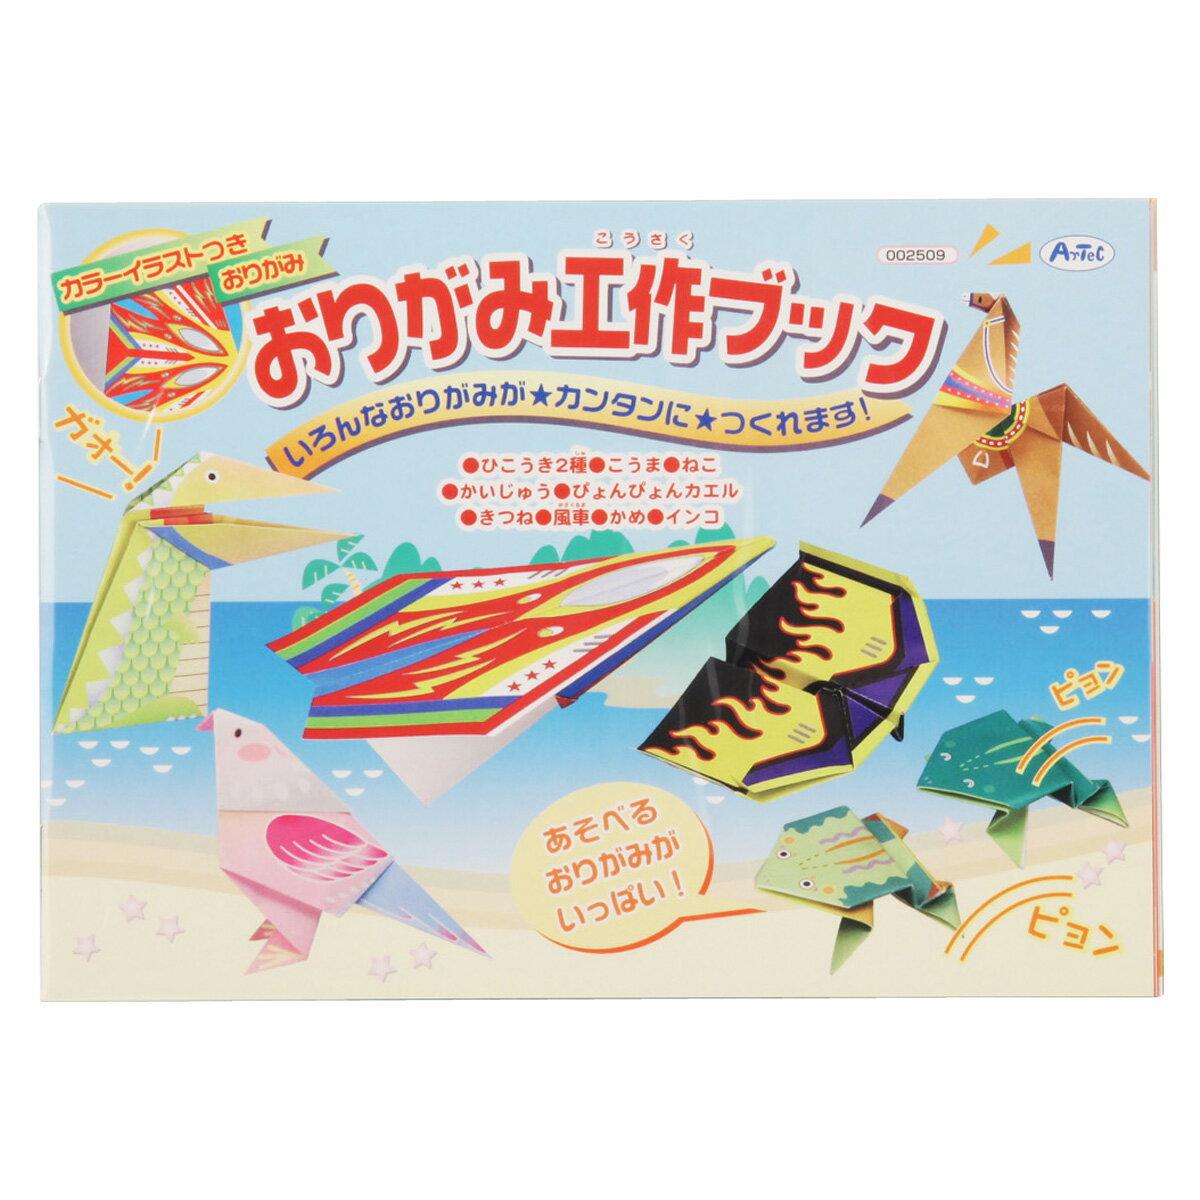 おりがみ 工作 ブック 折り紙 動物 知育玩具 折り紙 おりがみ 紙 工作 おもちゃ 保育園 幼稚園 幼児 子供 学習教材 知育玩具